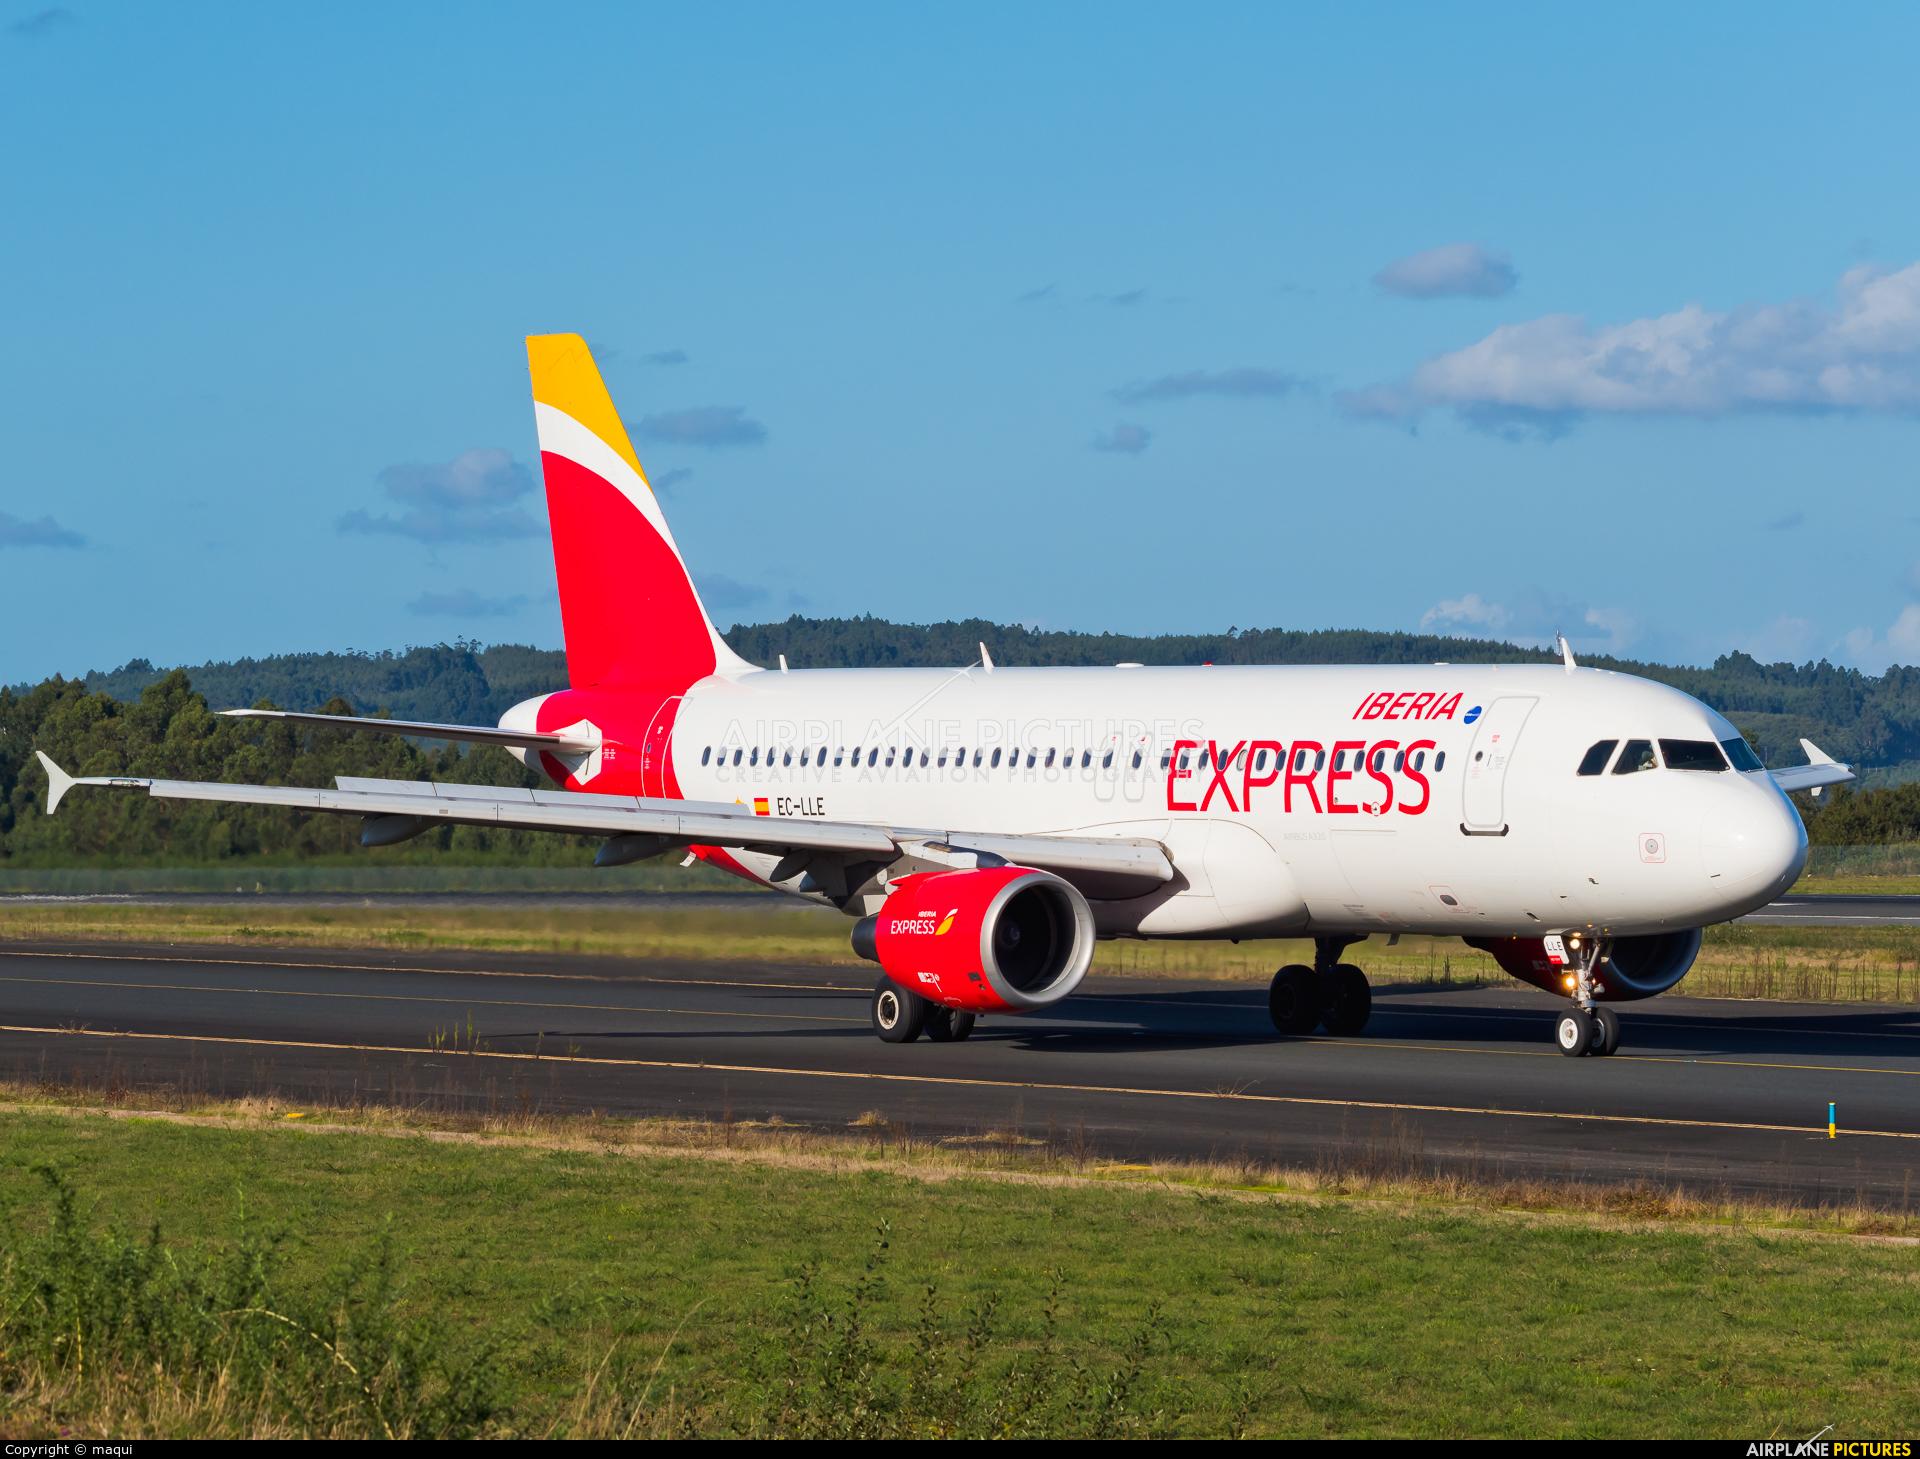 Iberia Express EC-LLE aircraft at Santiago de Compostela